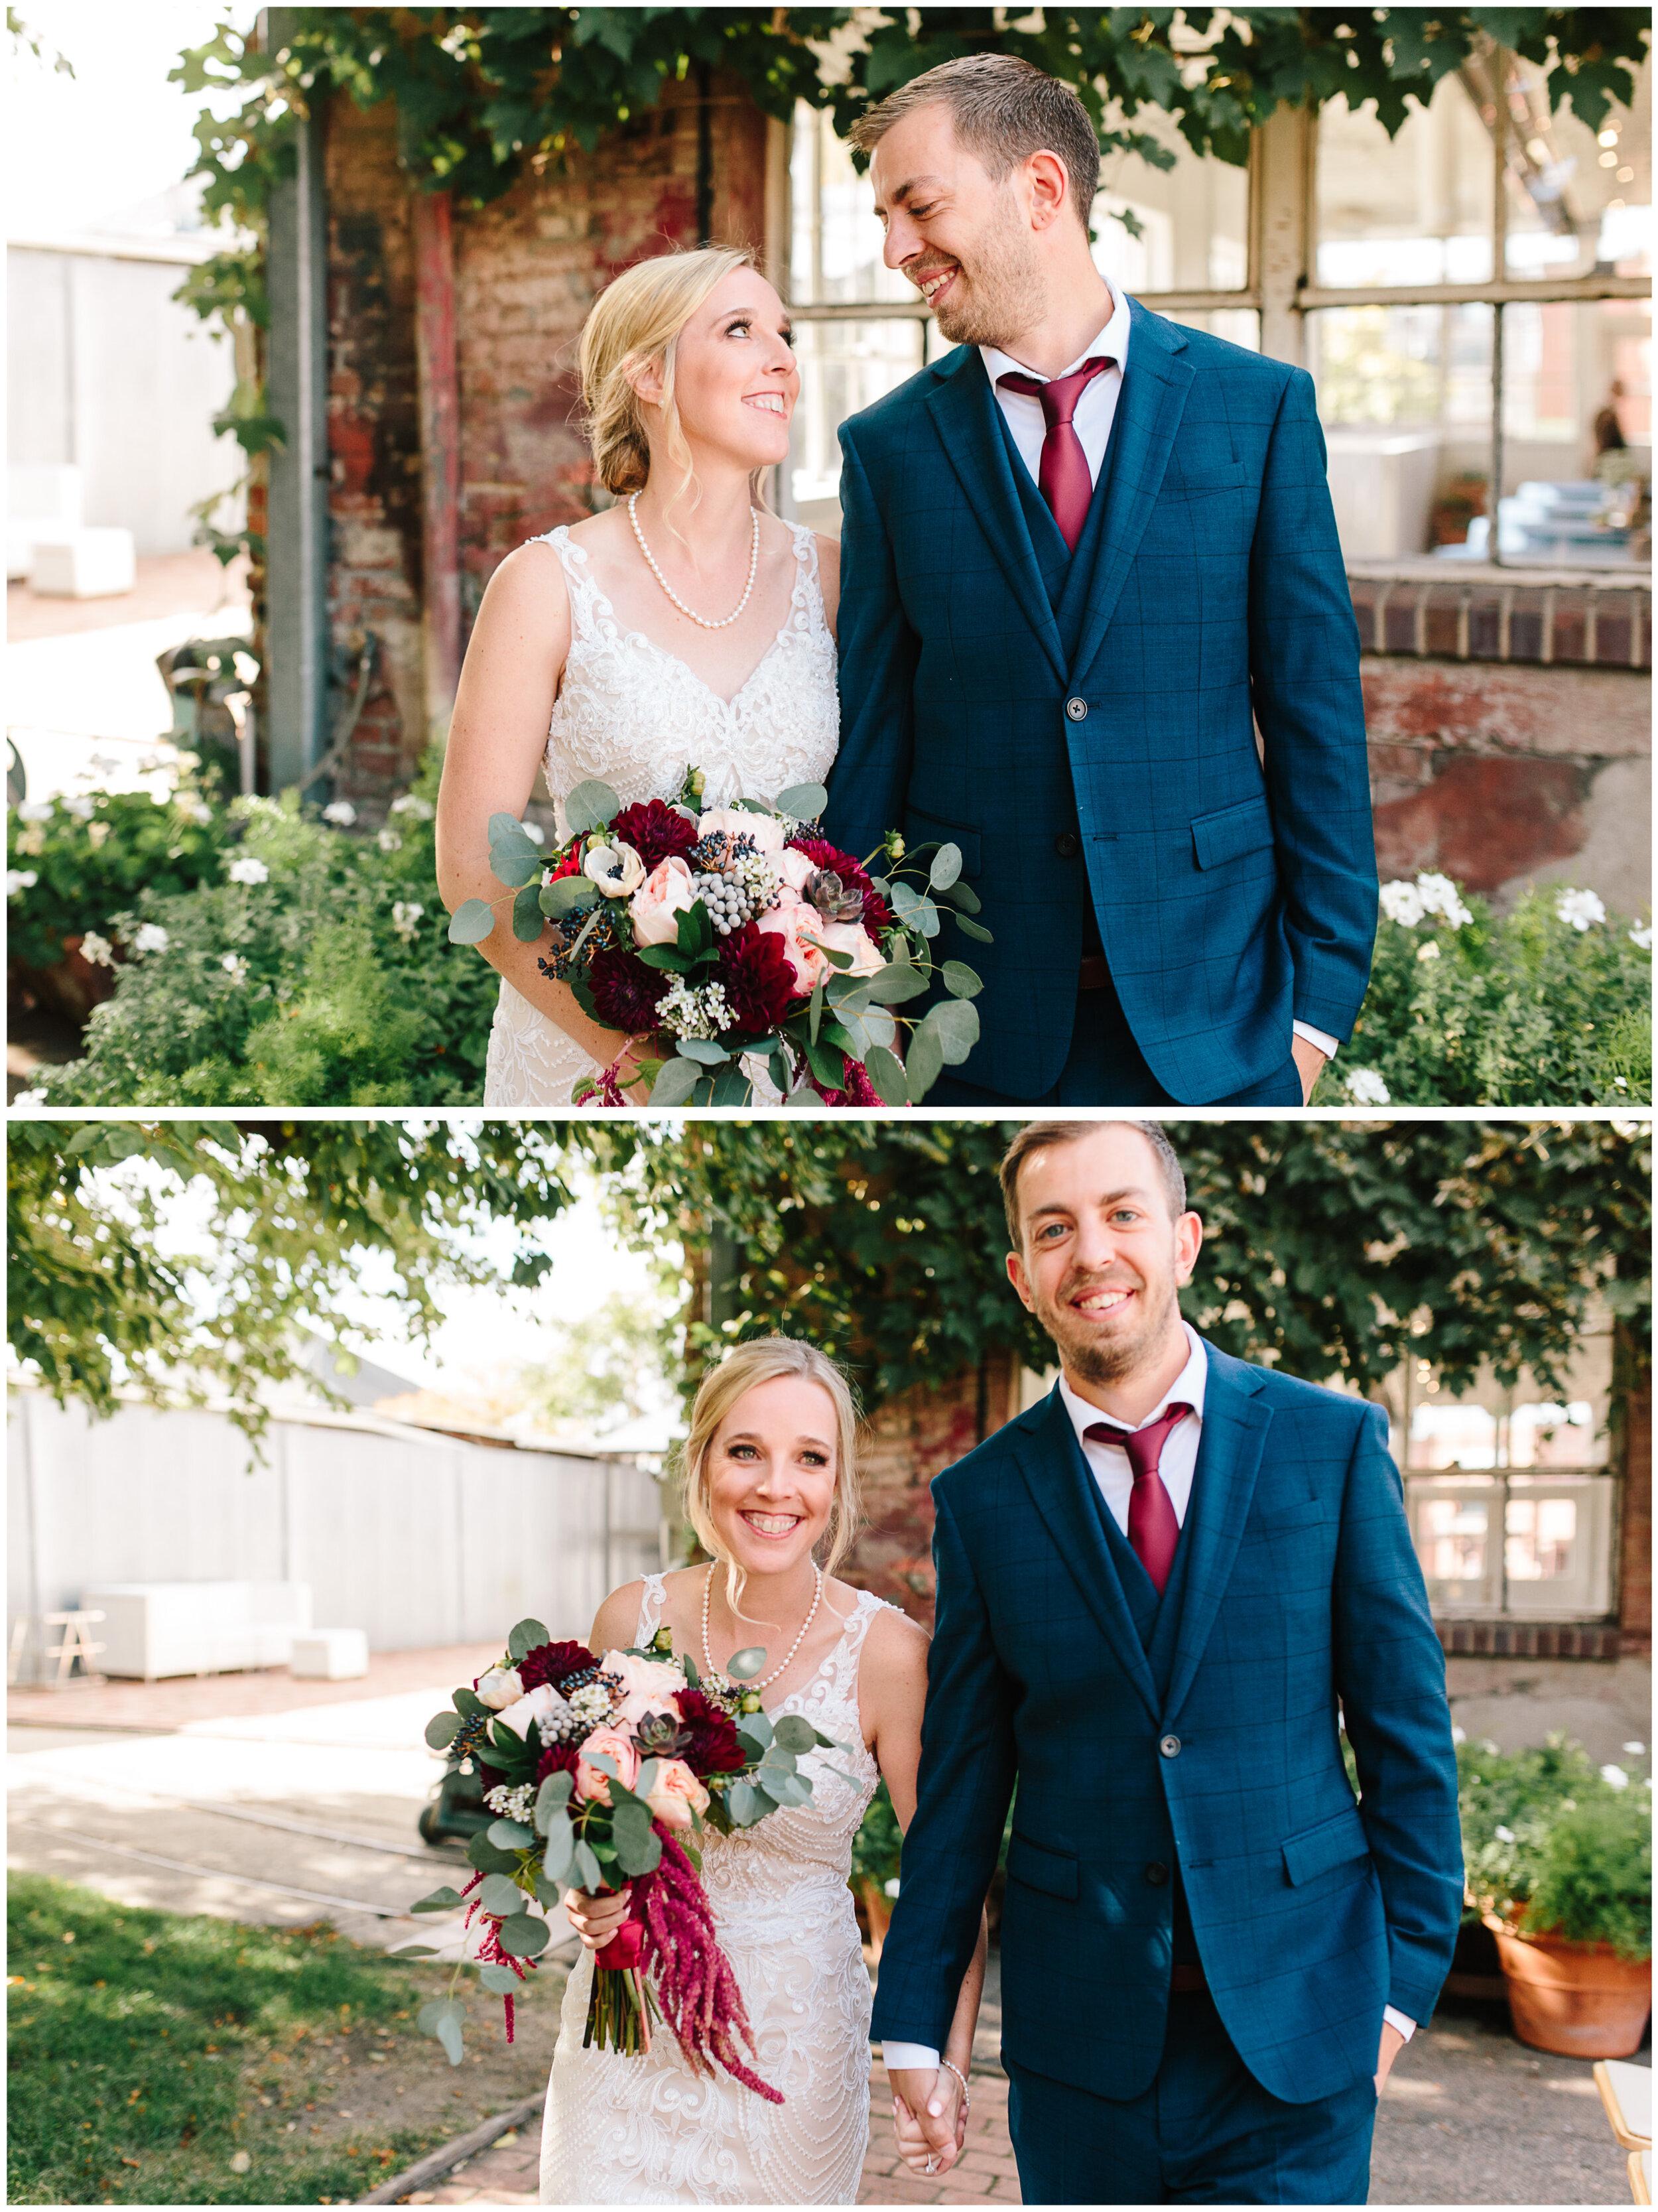 Blanc_Denver_Wedding_25.jpg